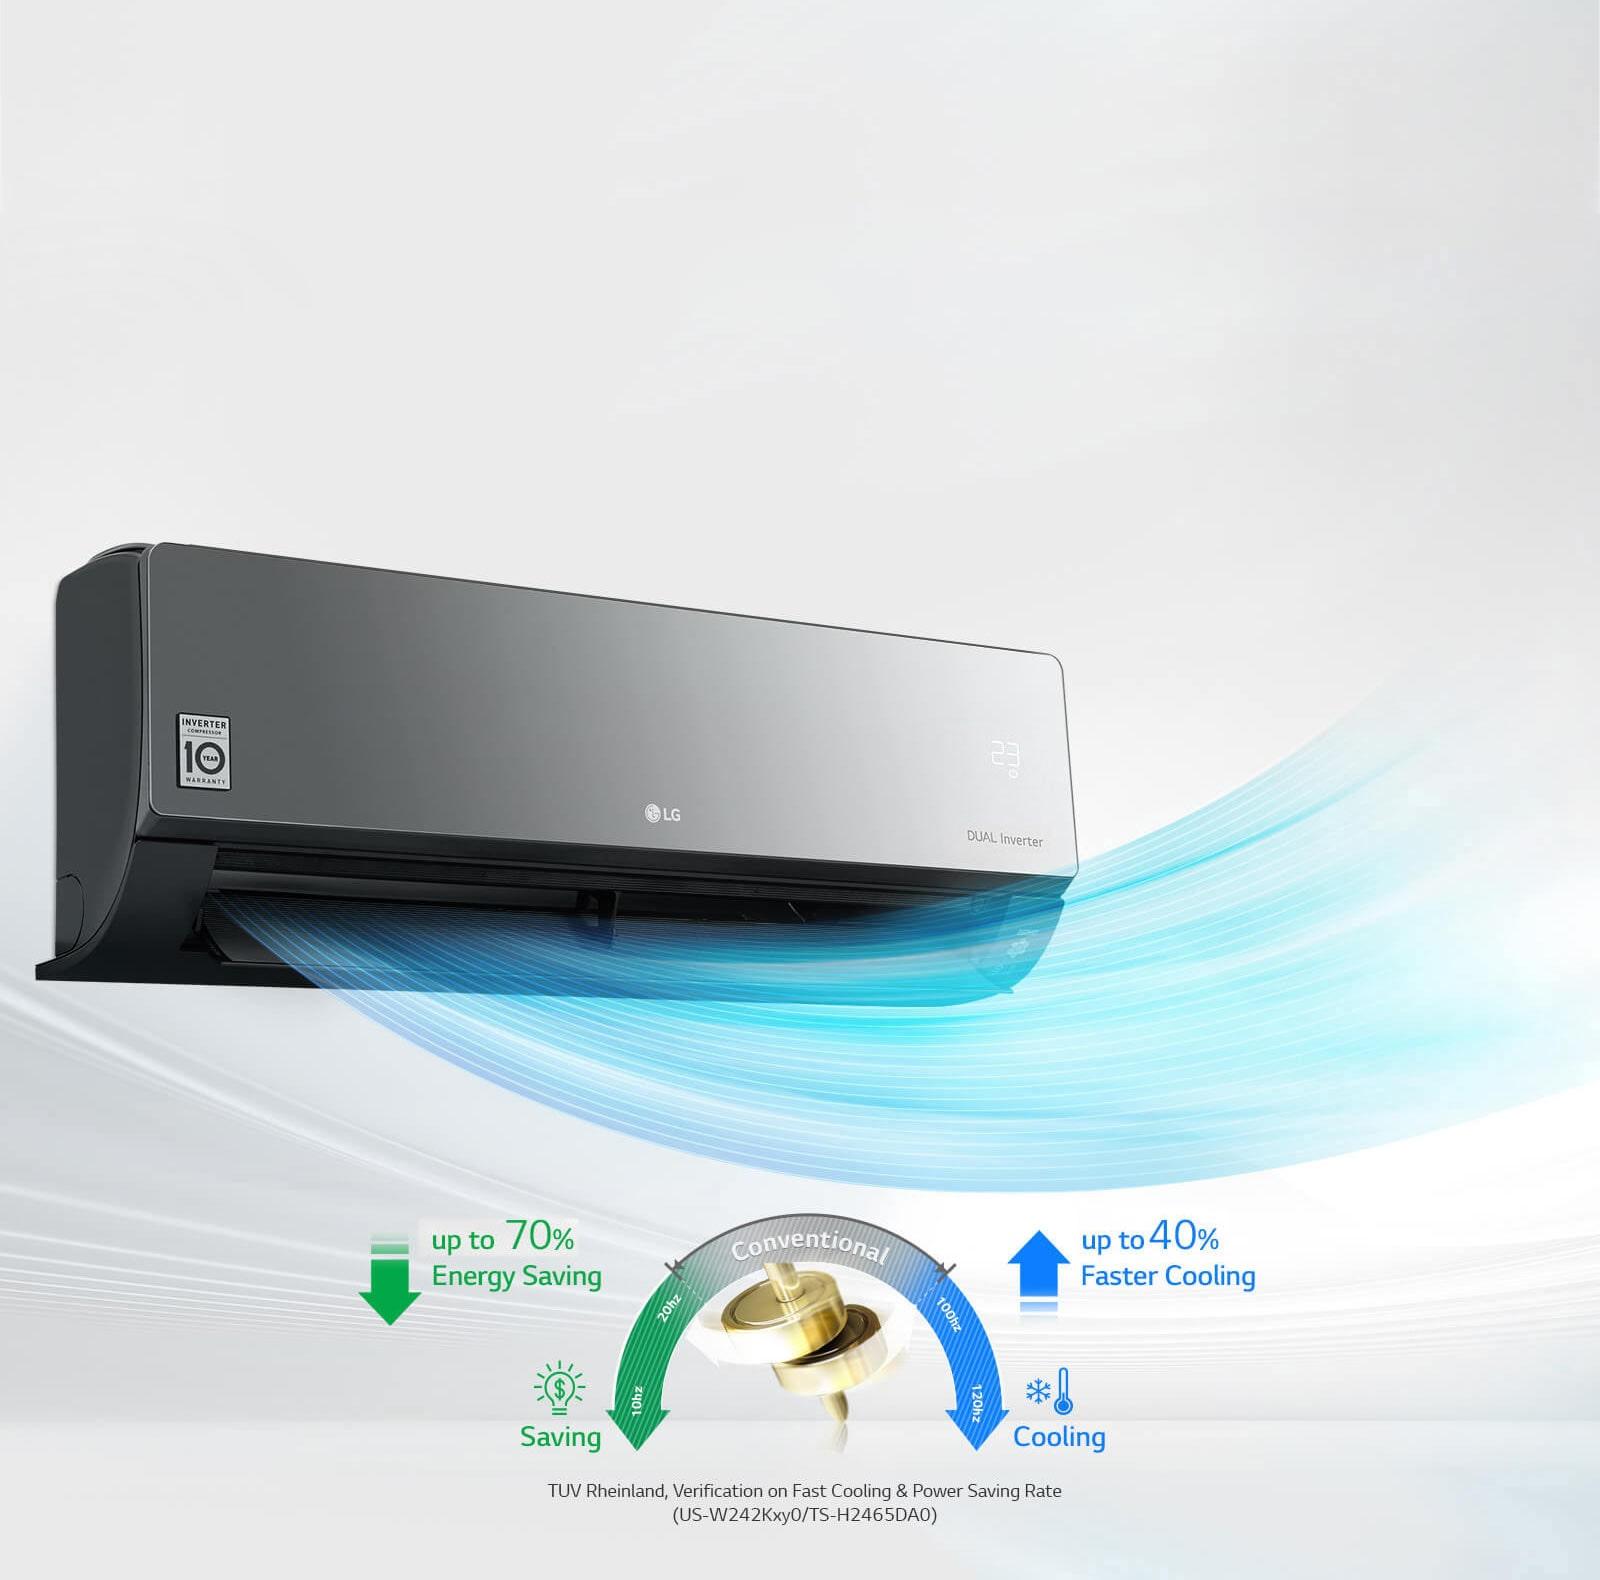 Энергоэффективность и быстрое охлаждение